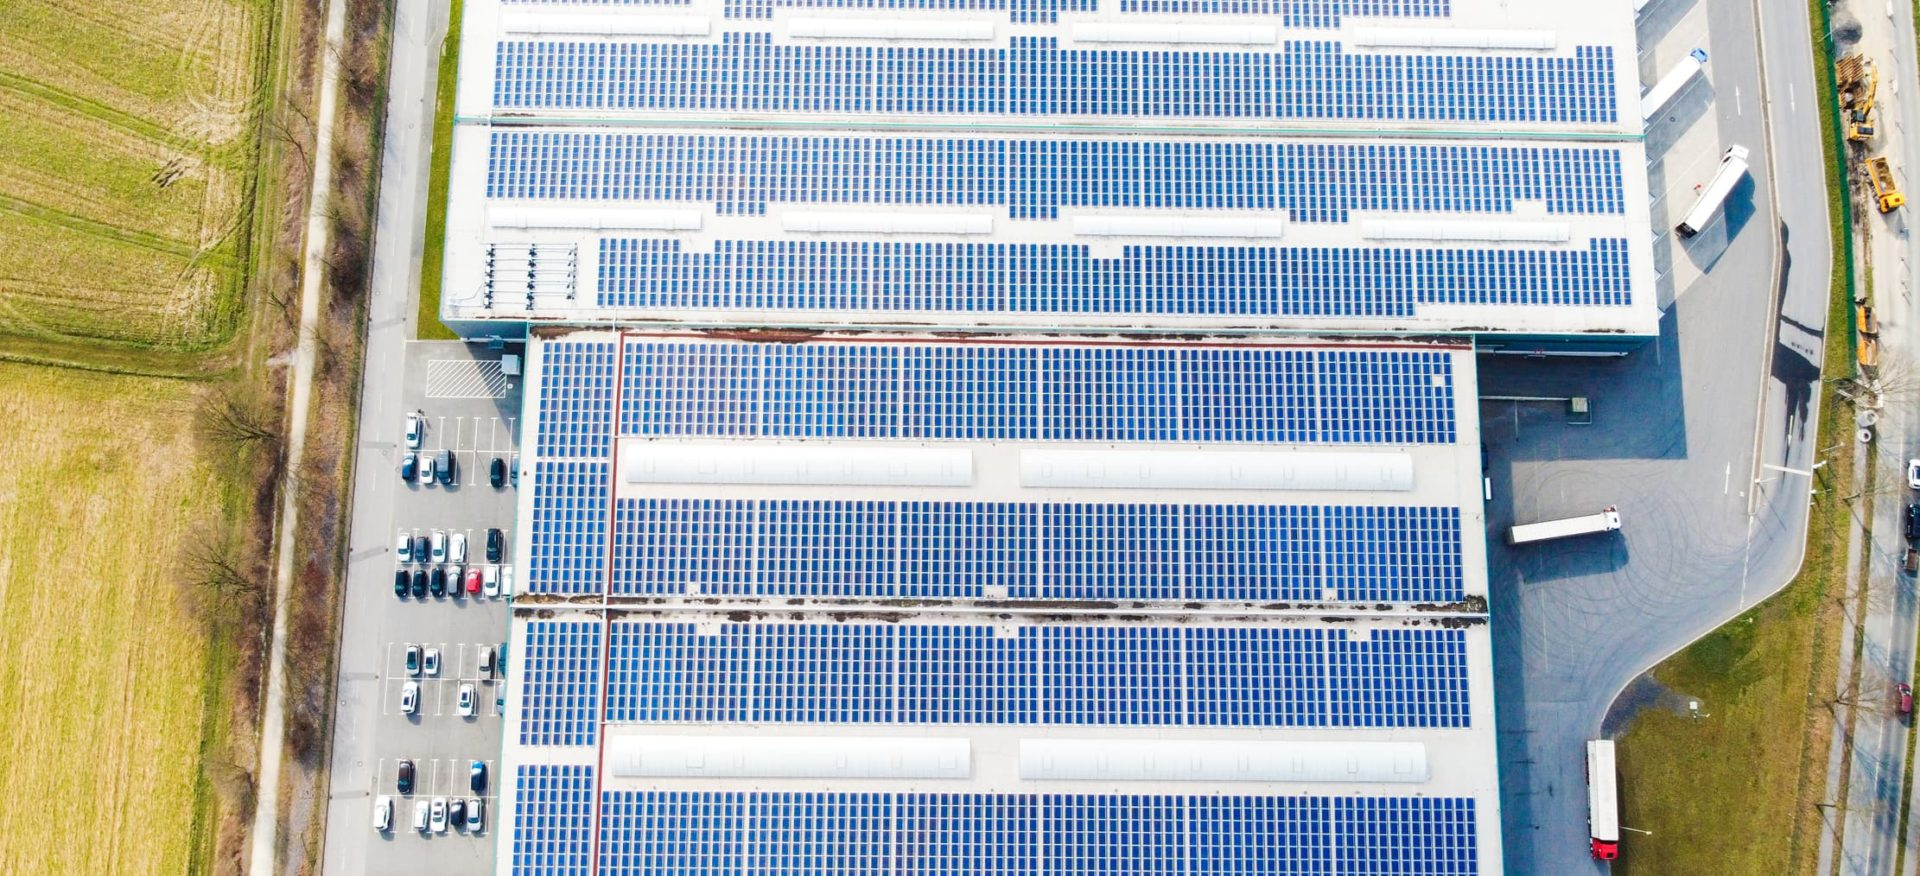 Solardach Klingele Werne